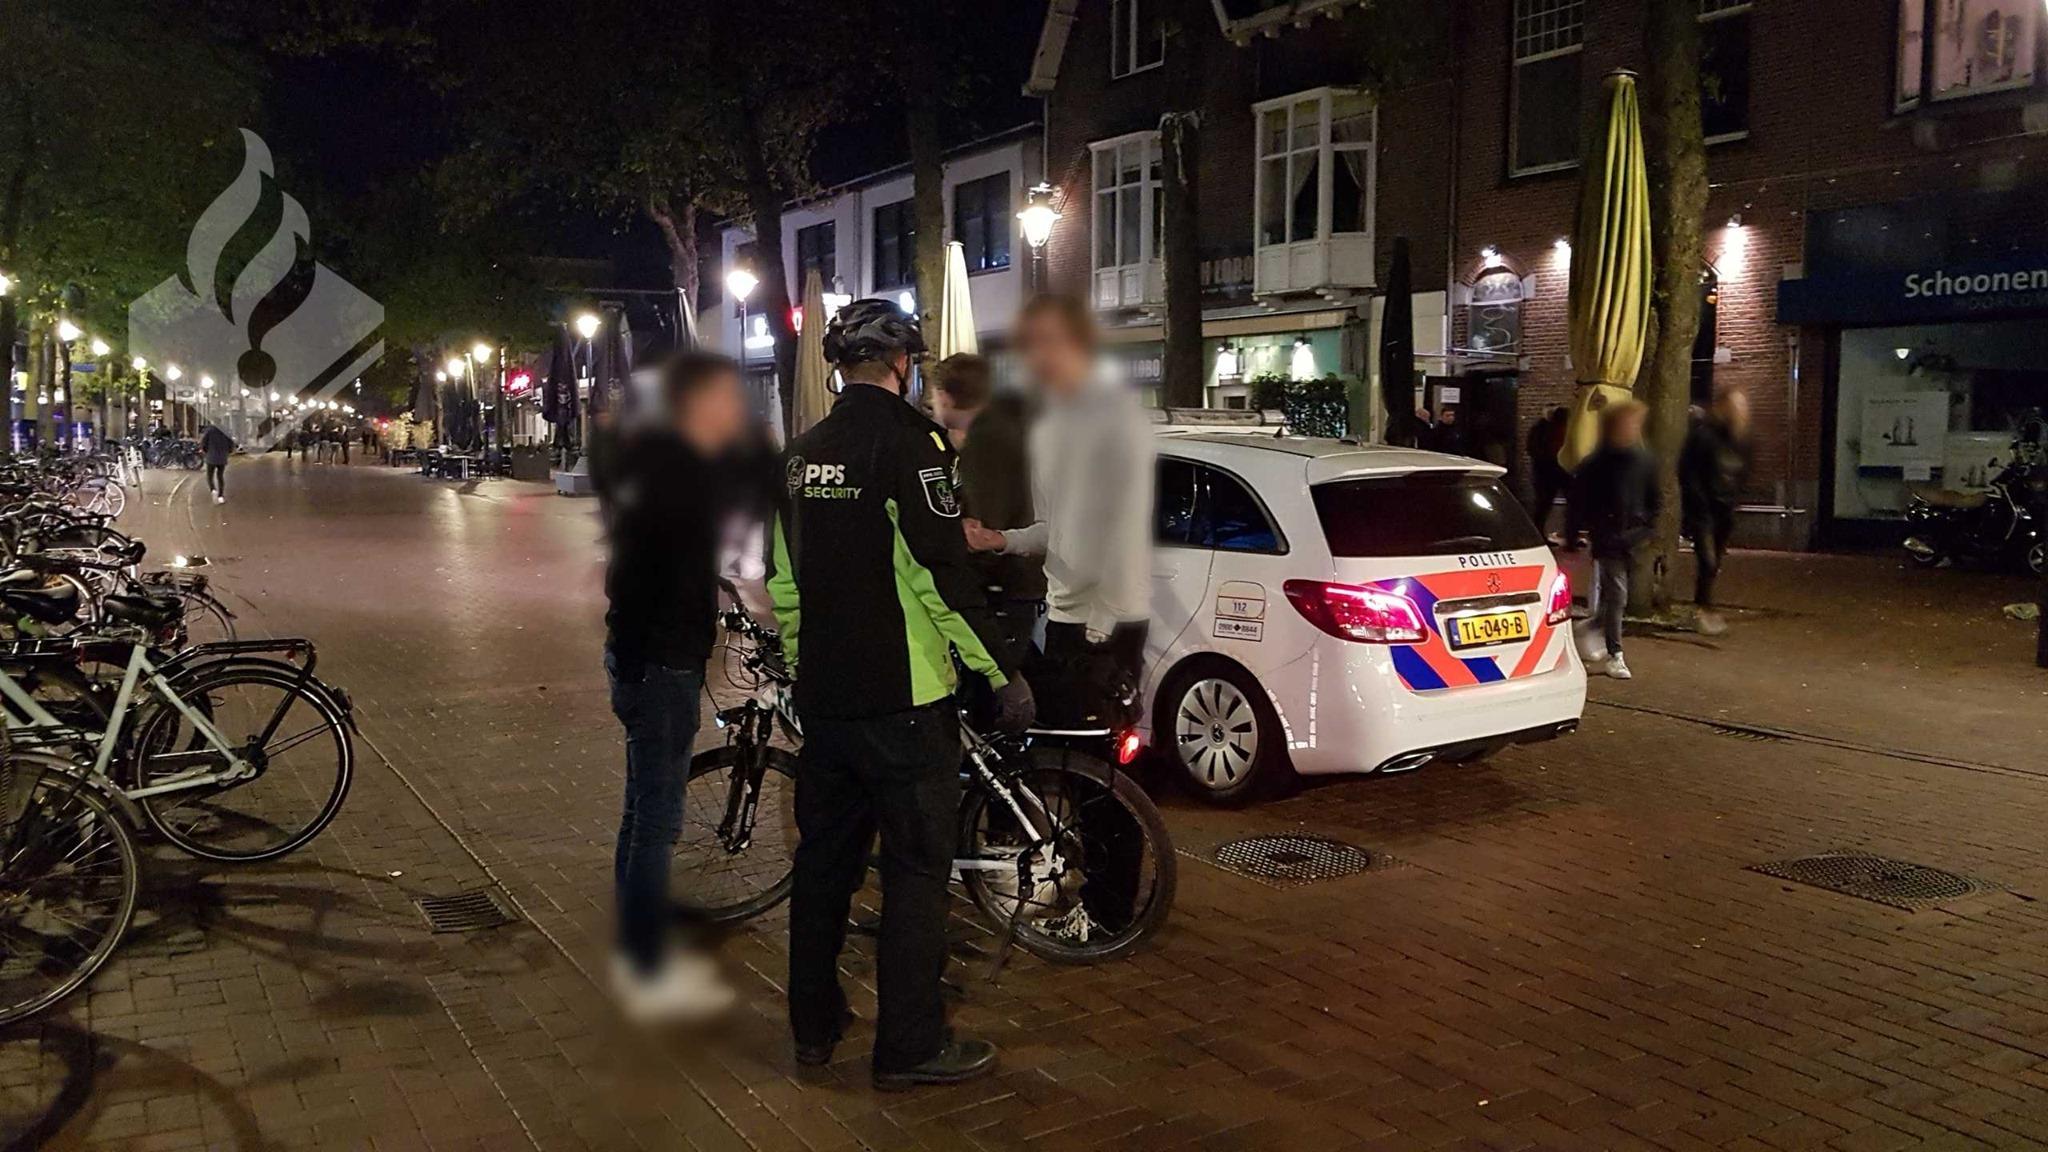 Politie spreekt van rustig weekend in centrum Hilversum: negen aanhoudingen